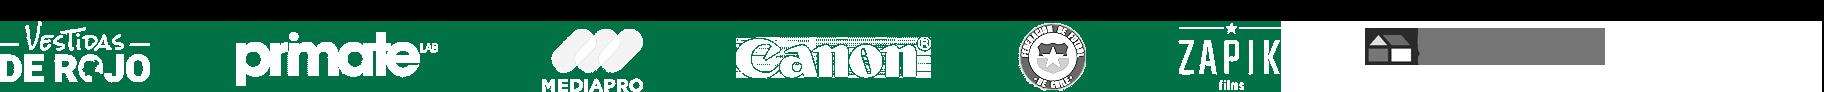 logos historicas